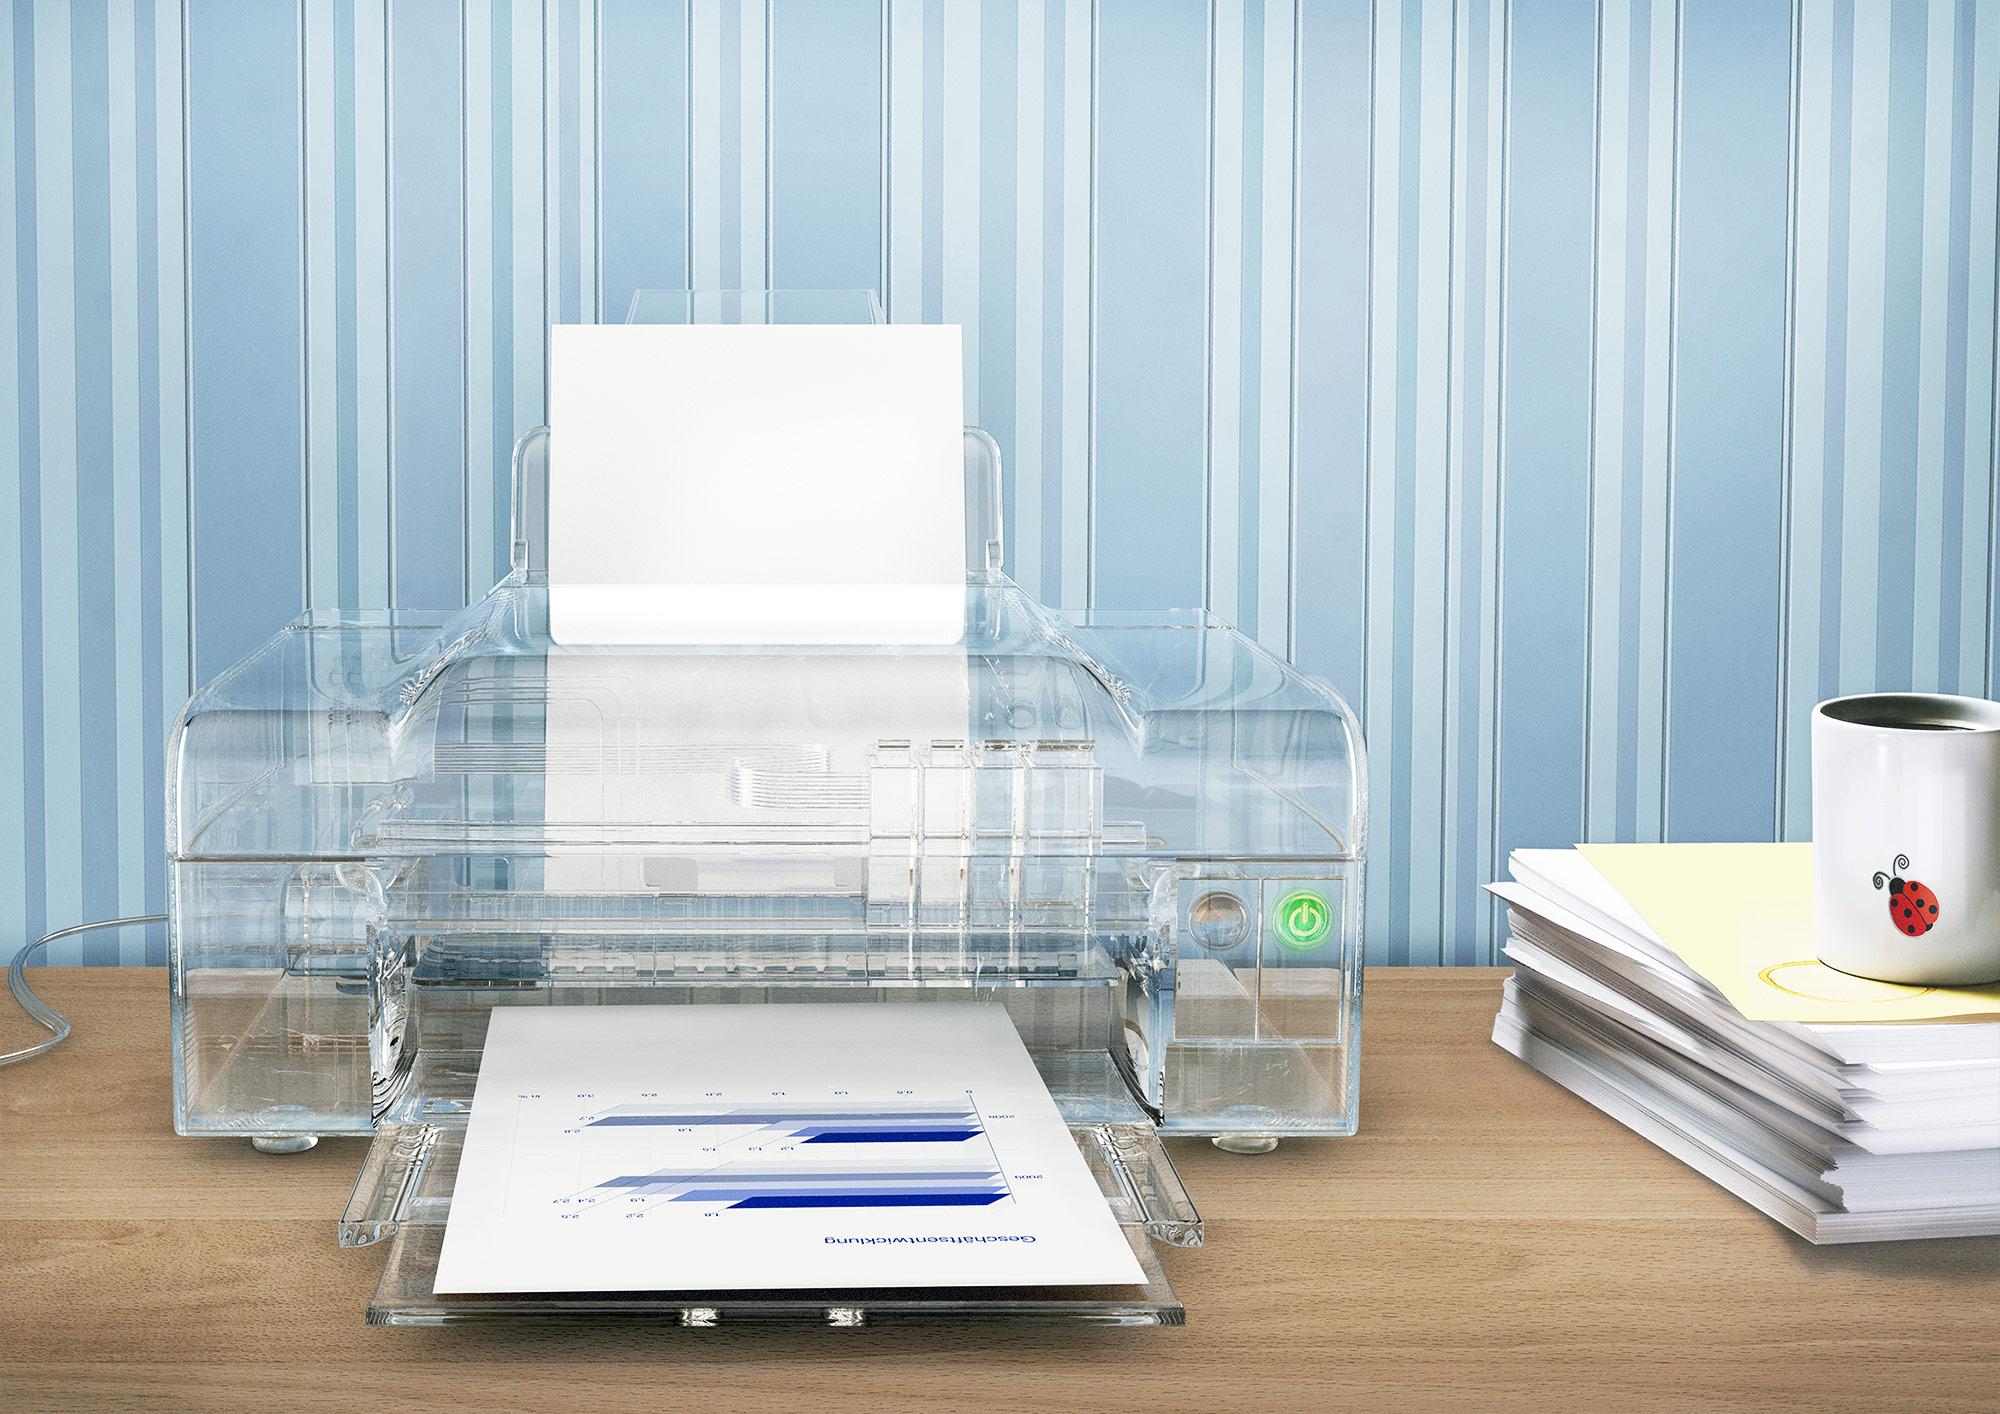 CGI Rendering 3d BMWI Energie transparent Drucker Idris Kolodziej